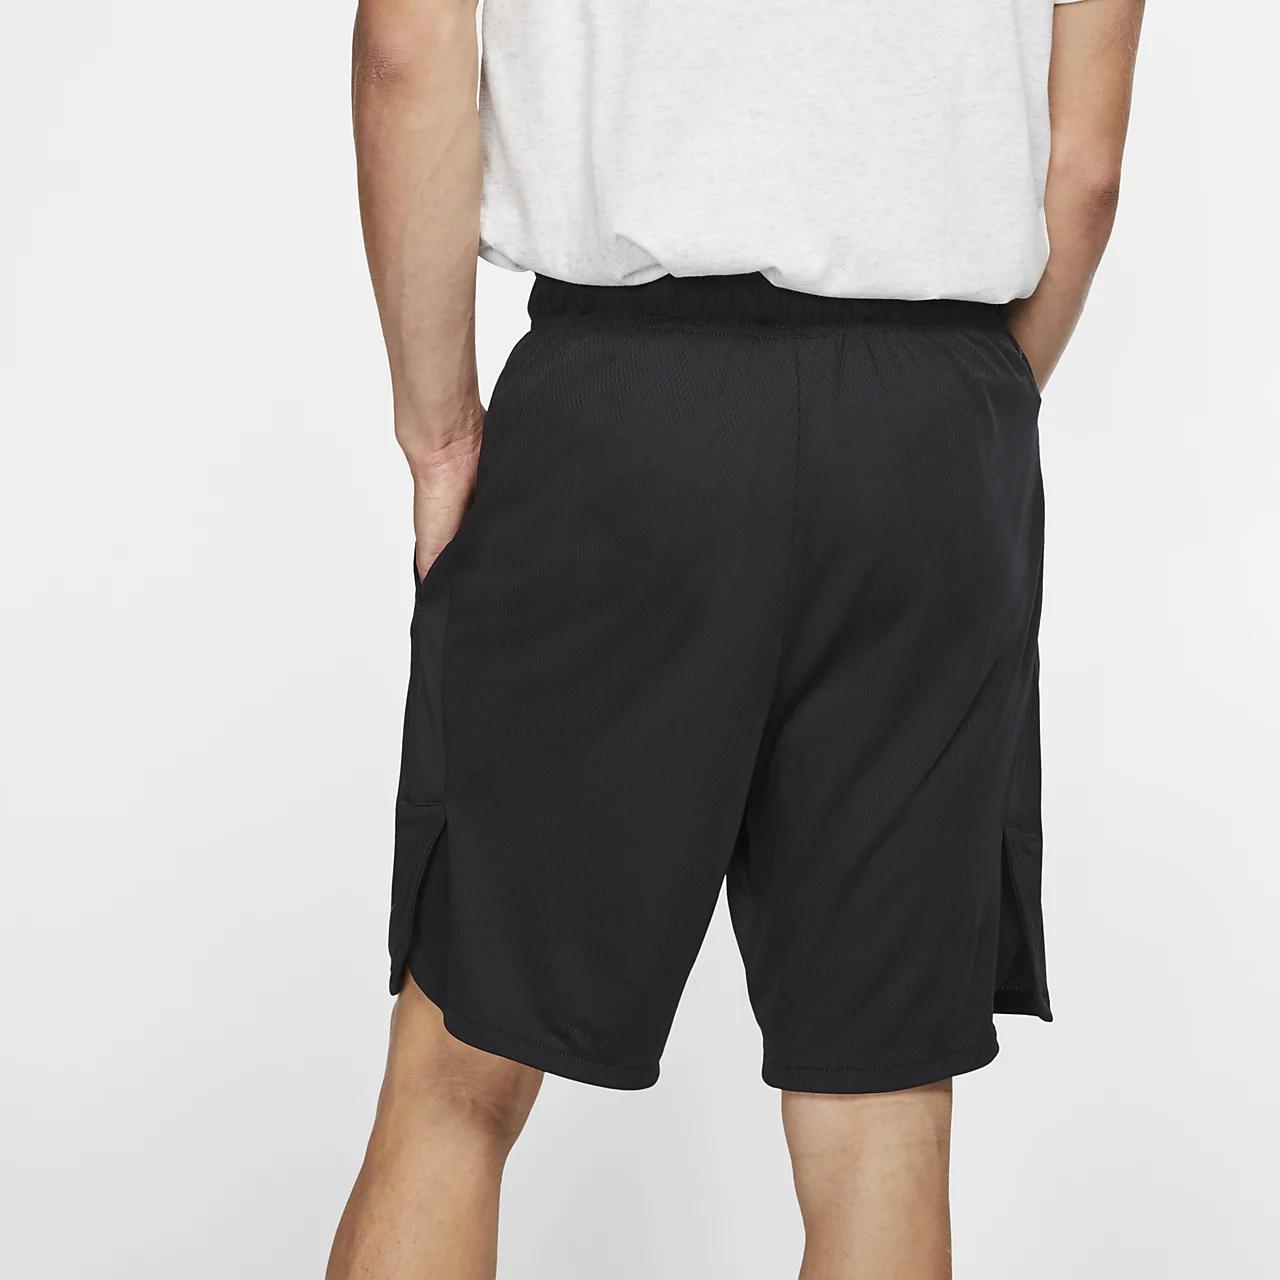 Nike Dri-FIT Men's Training Shorts 890811-010